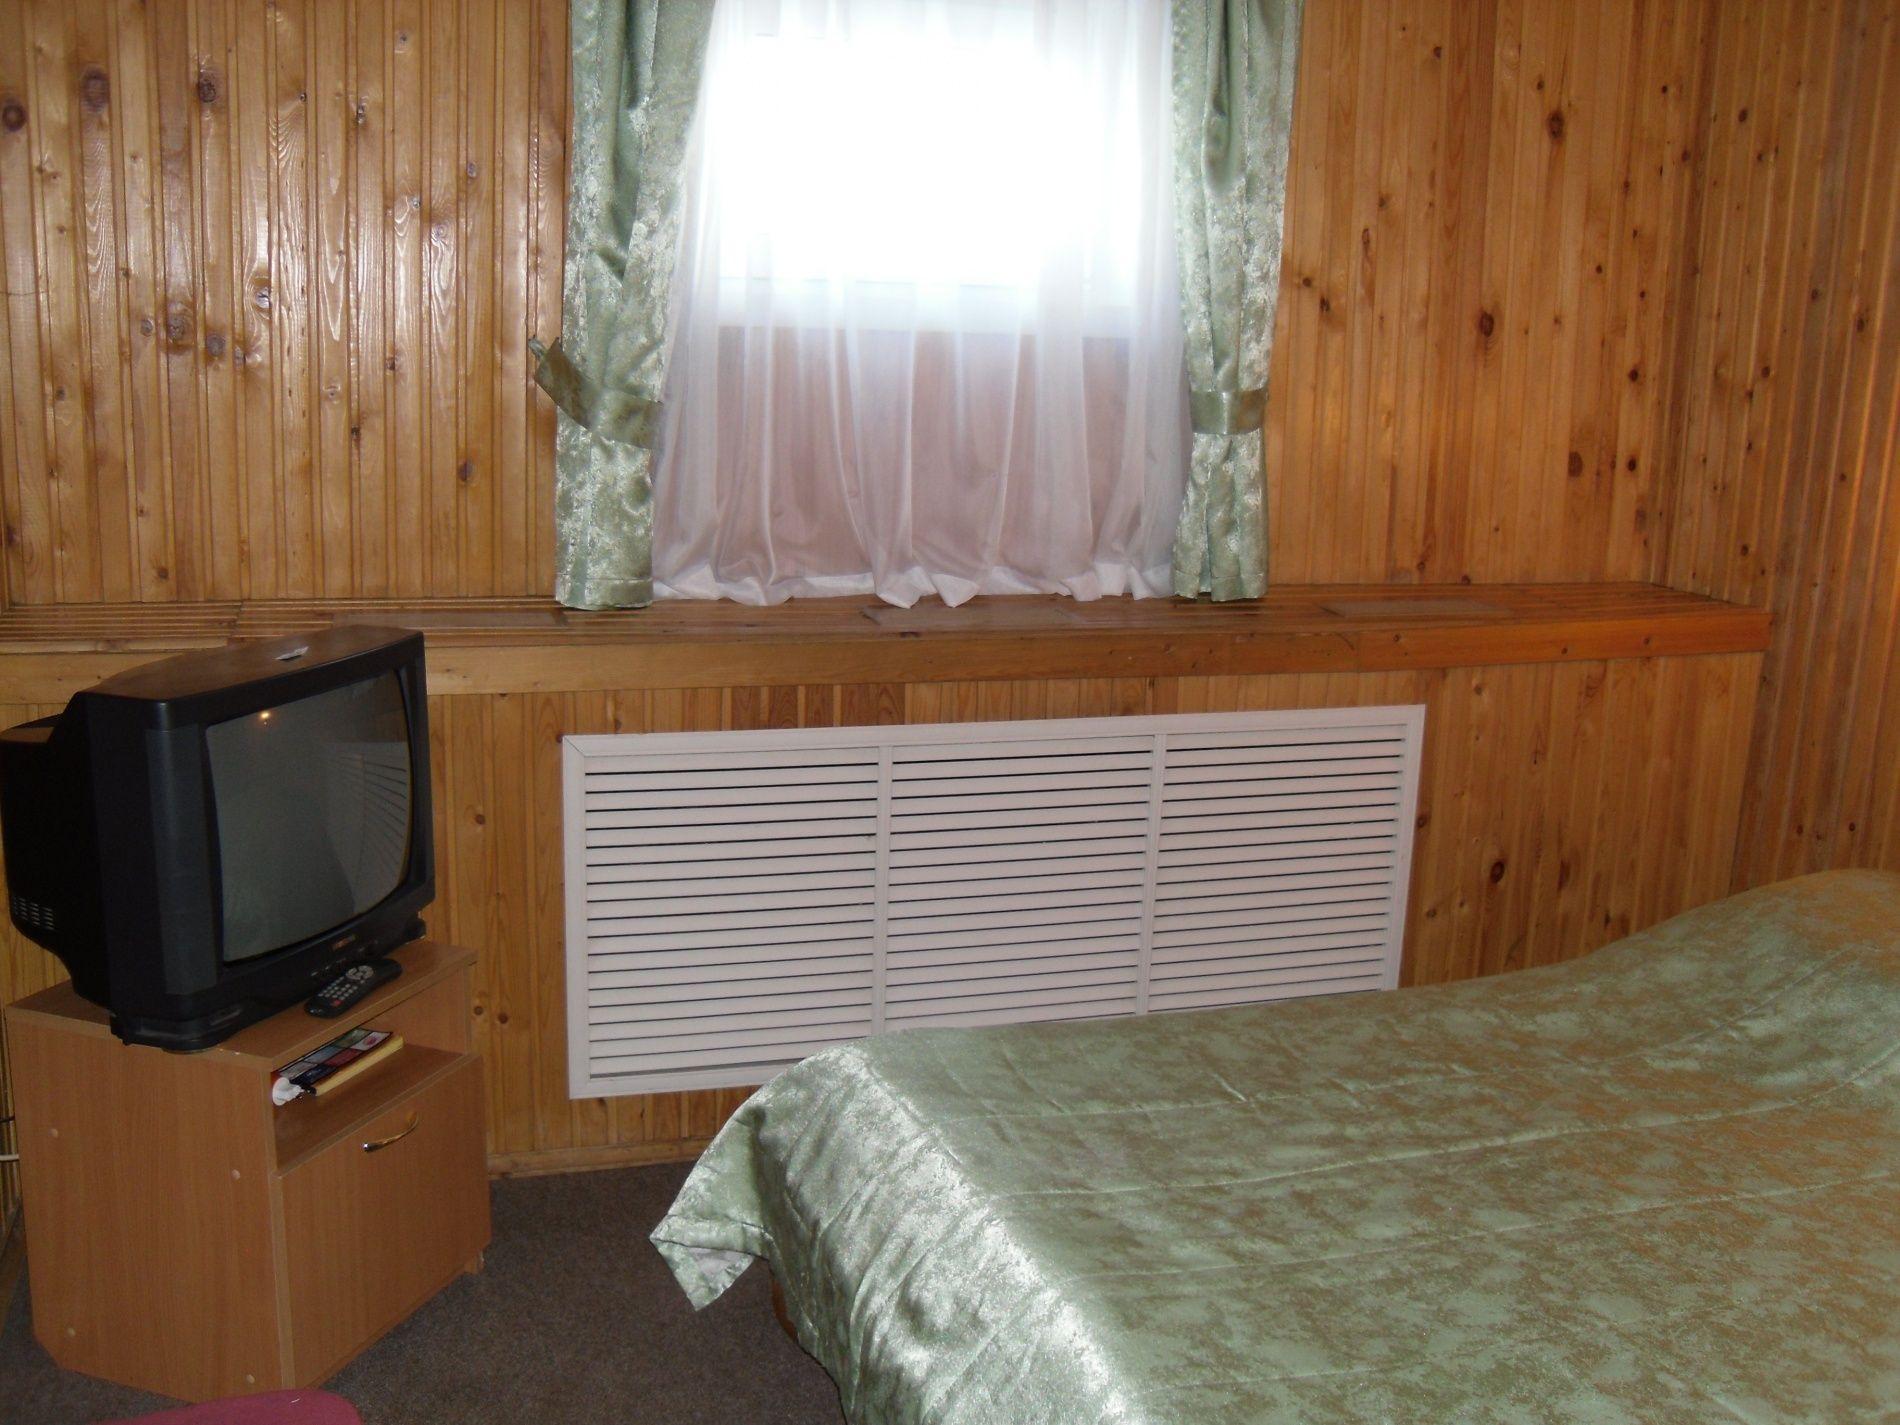 Туристический комплекс «Мирная Пристань» Ивановская область 2-комнатный номер 1 категории (№ 2, 5, 7), фото 4